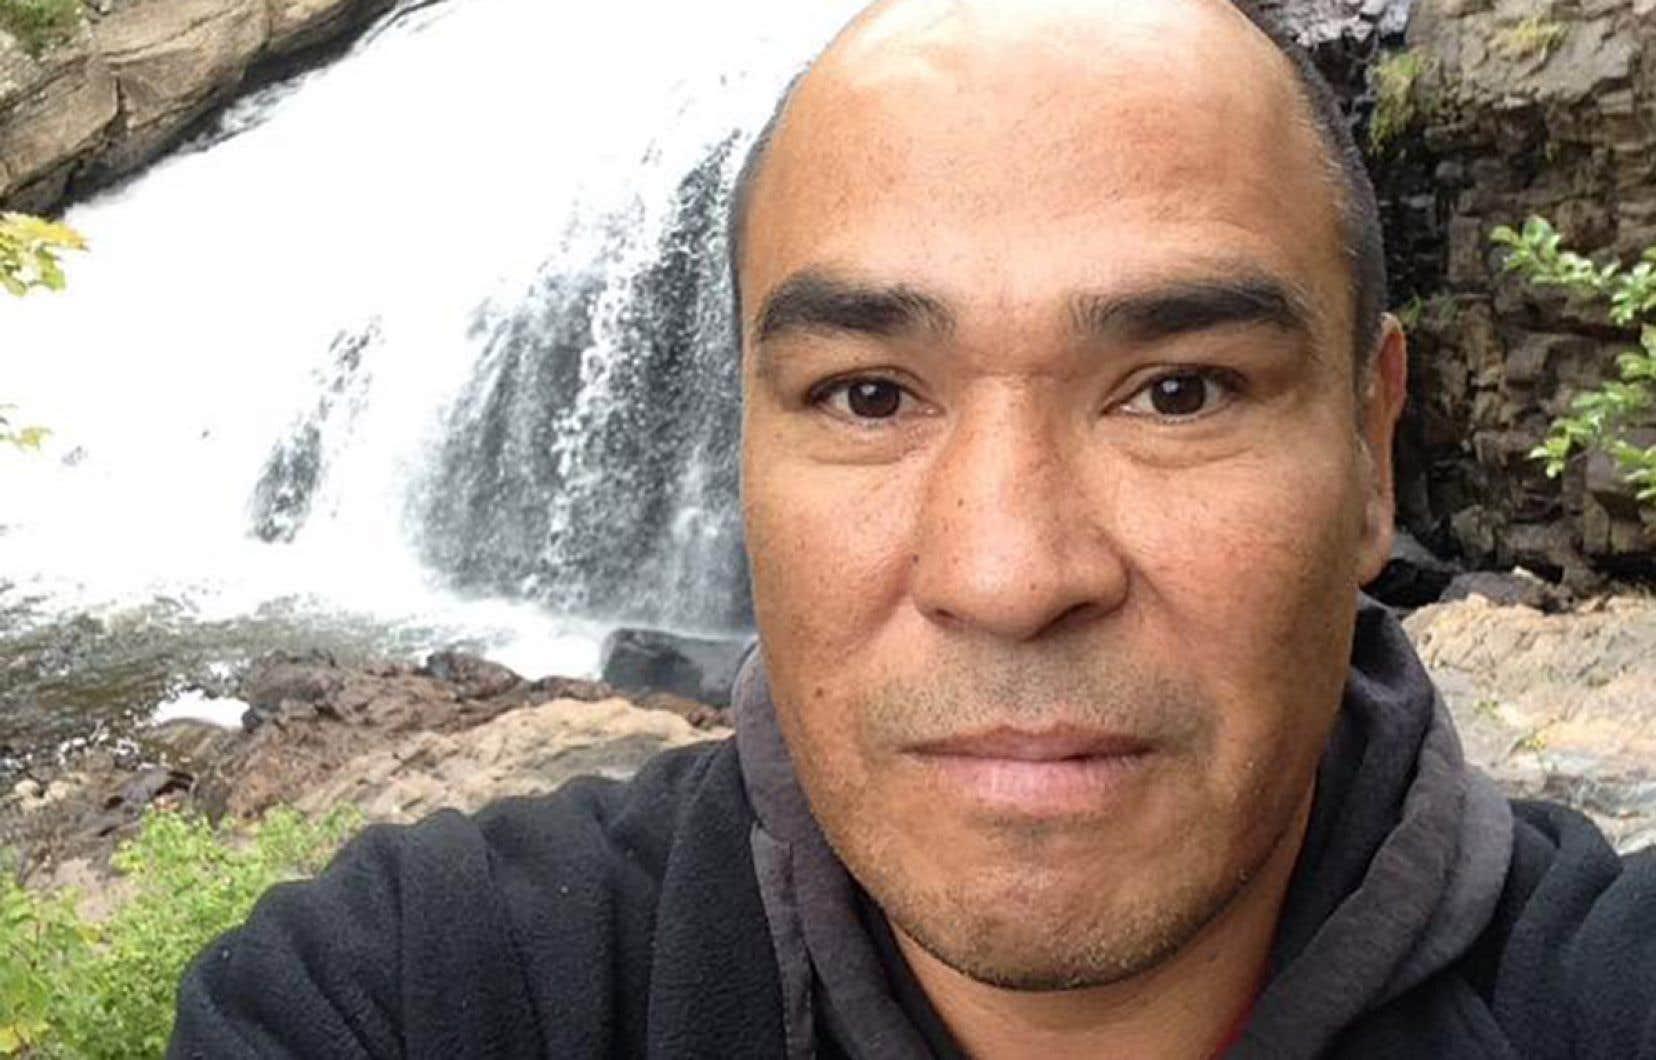 L'homme de 51ans, qui est mort de froid dans les rues de Montréal ce week-end, n'était pas qu'un itinérant. C'était d'abord et avant tout un homme généreux, débrouillard, qui ne tenait pas en place mais qui rêvait de trouver la stabilité et de fonder une famille, racontent ses proches.